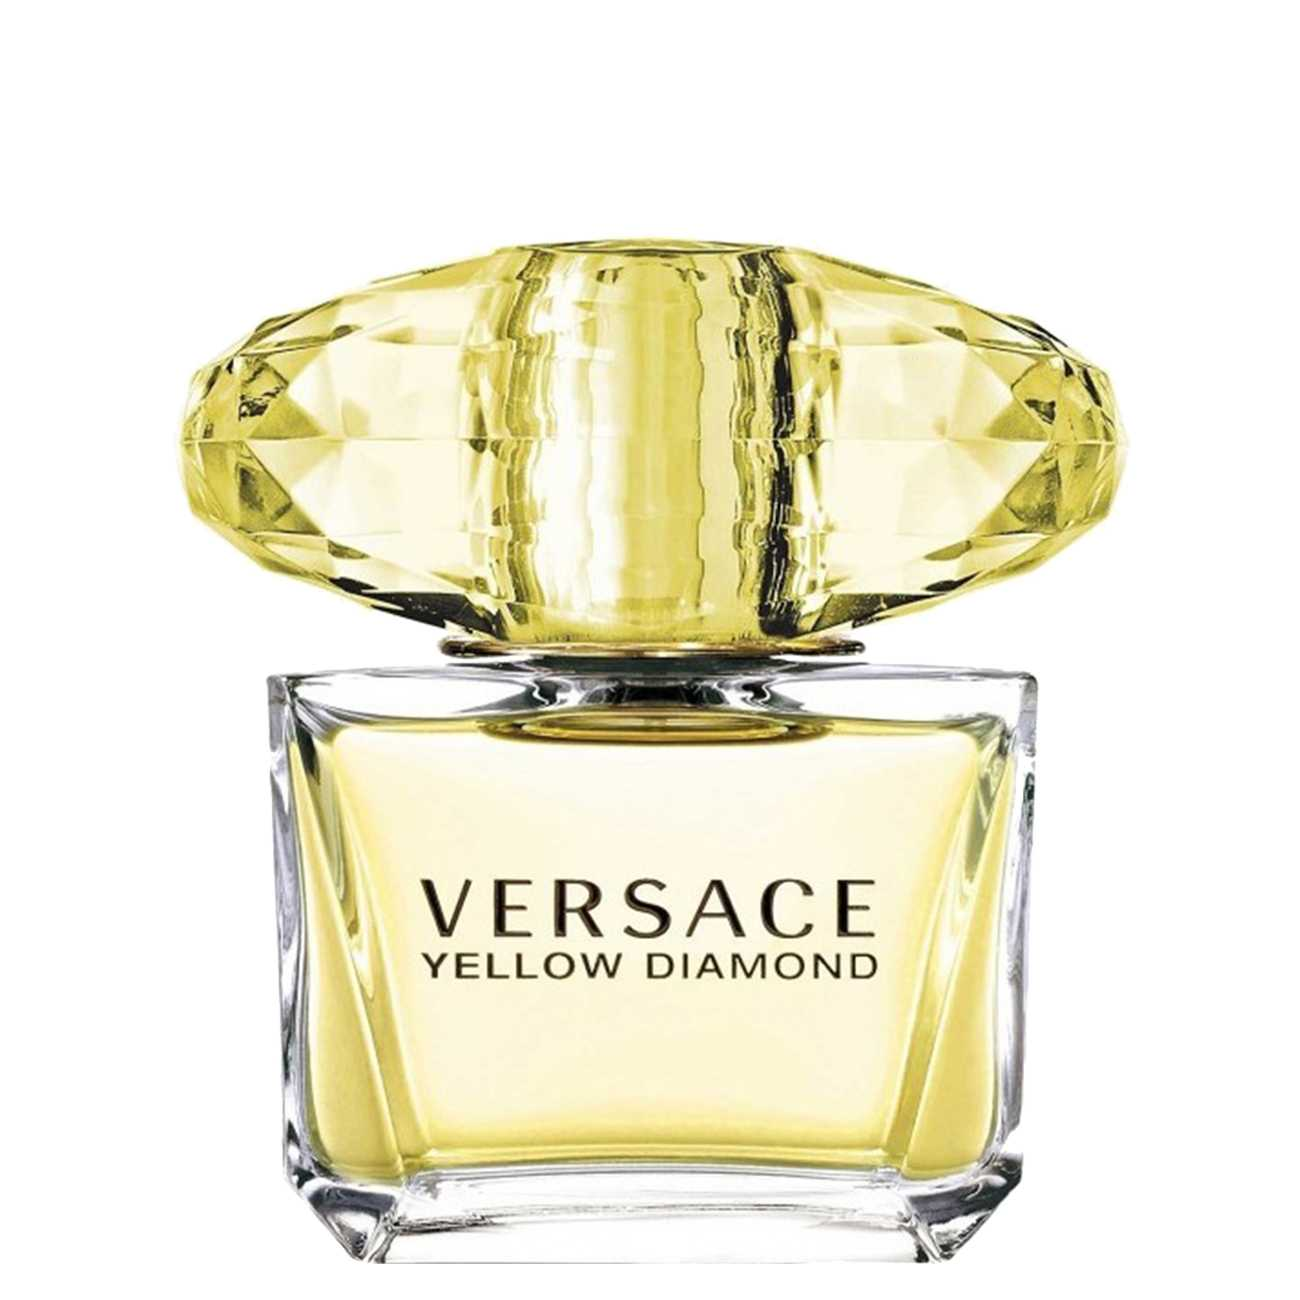 YELLOW DIAMOND 90ml